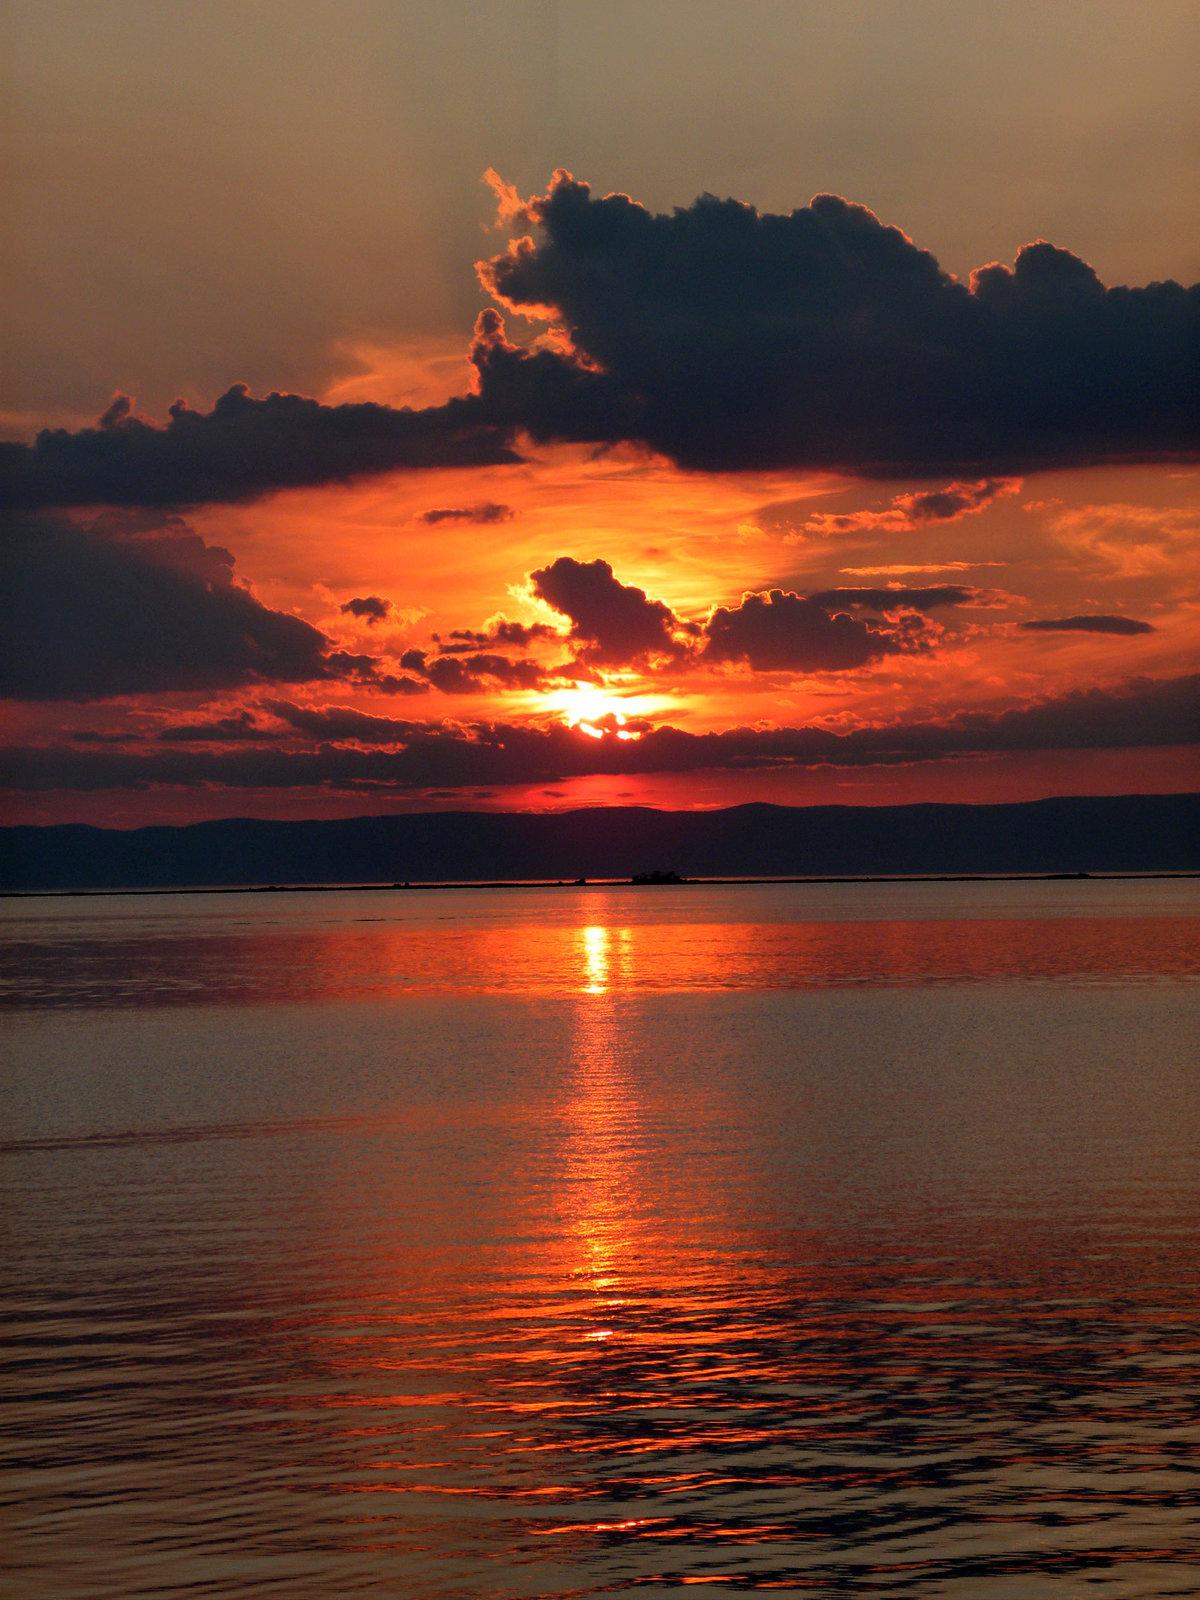 причины ускоренного самые красивые картинки закаты так получают